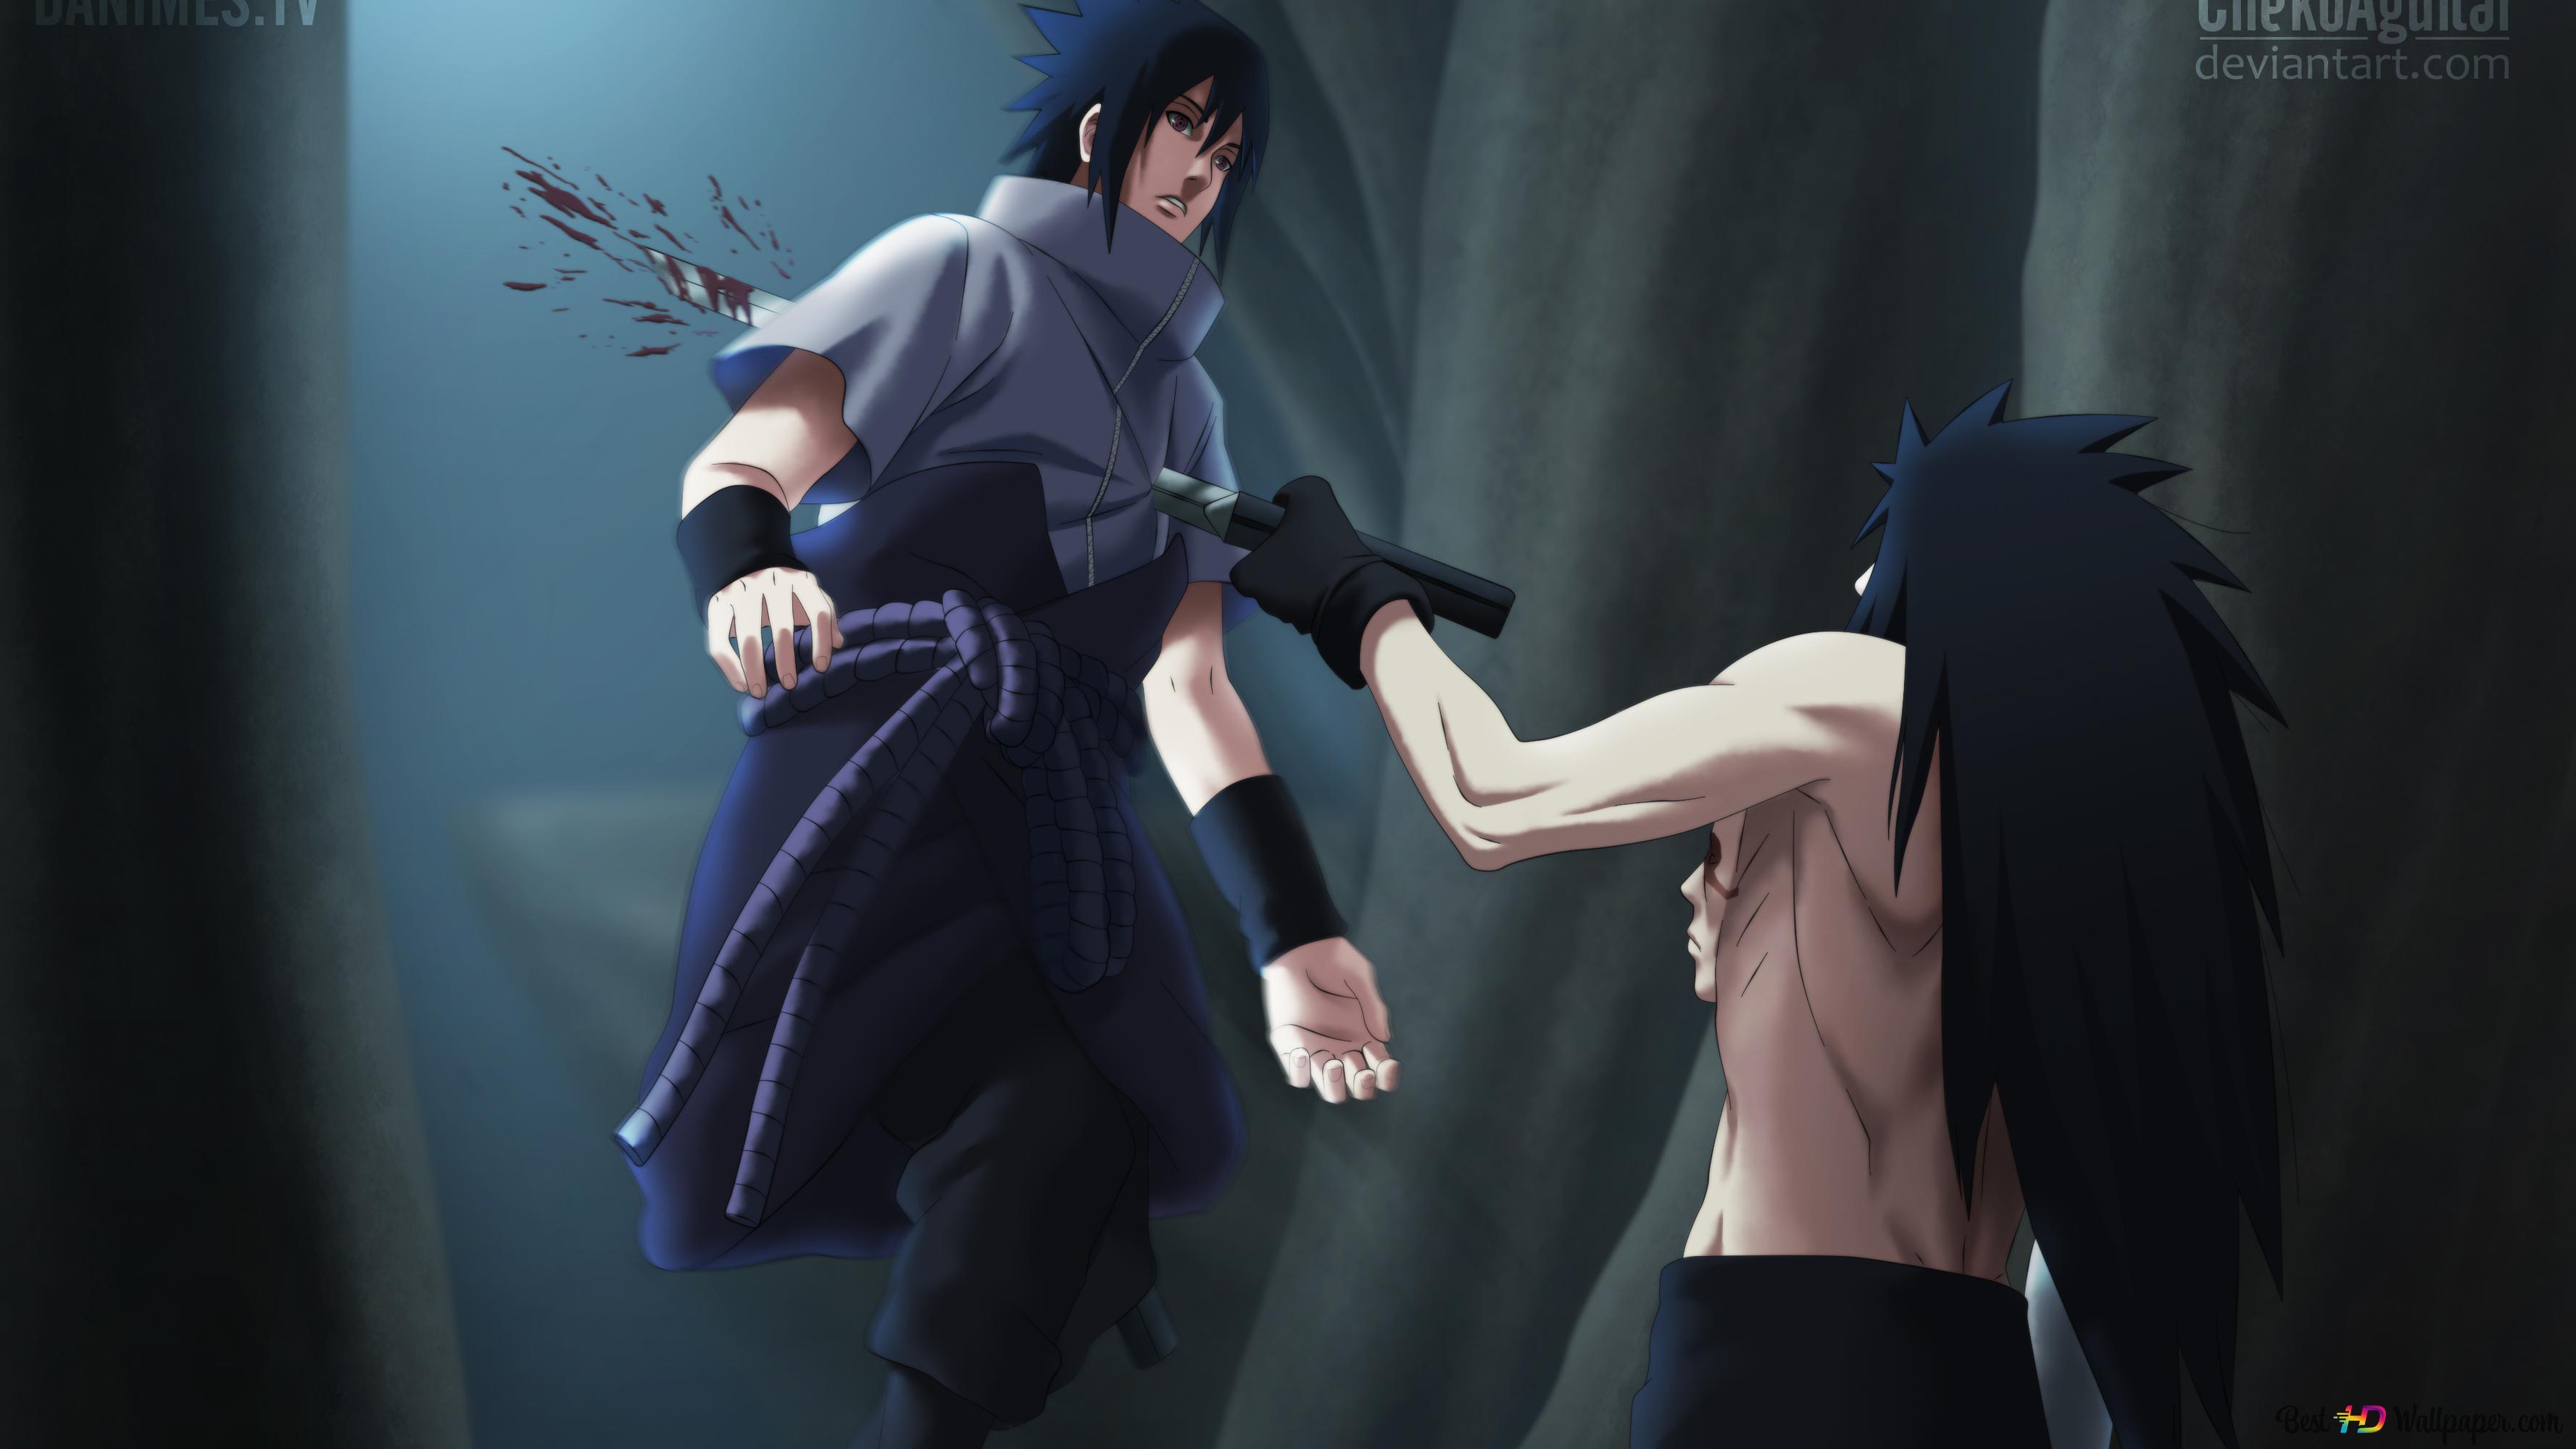 Descargar Fondo De Pantalla Naruto Shippuden Madara Uchiha